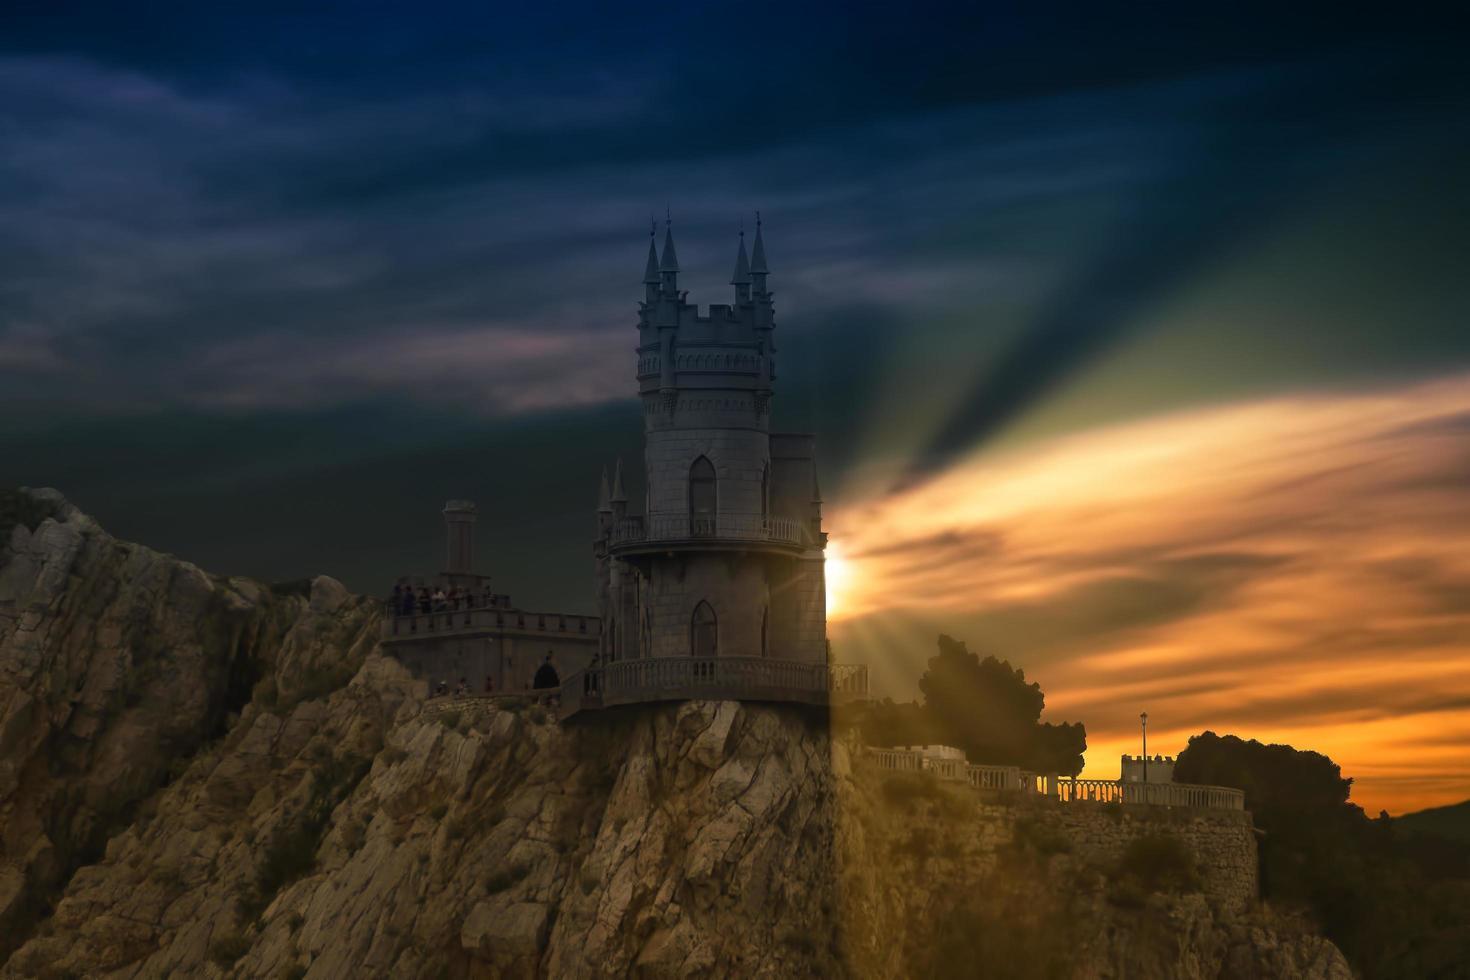 det dramatiska landskapet med utsikt över slottet foto